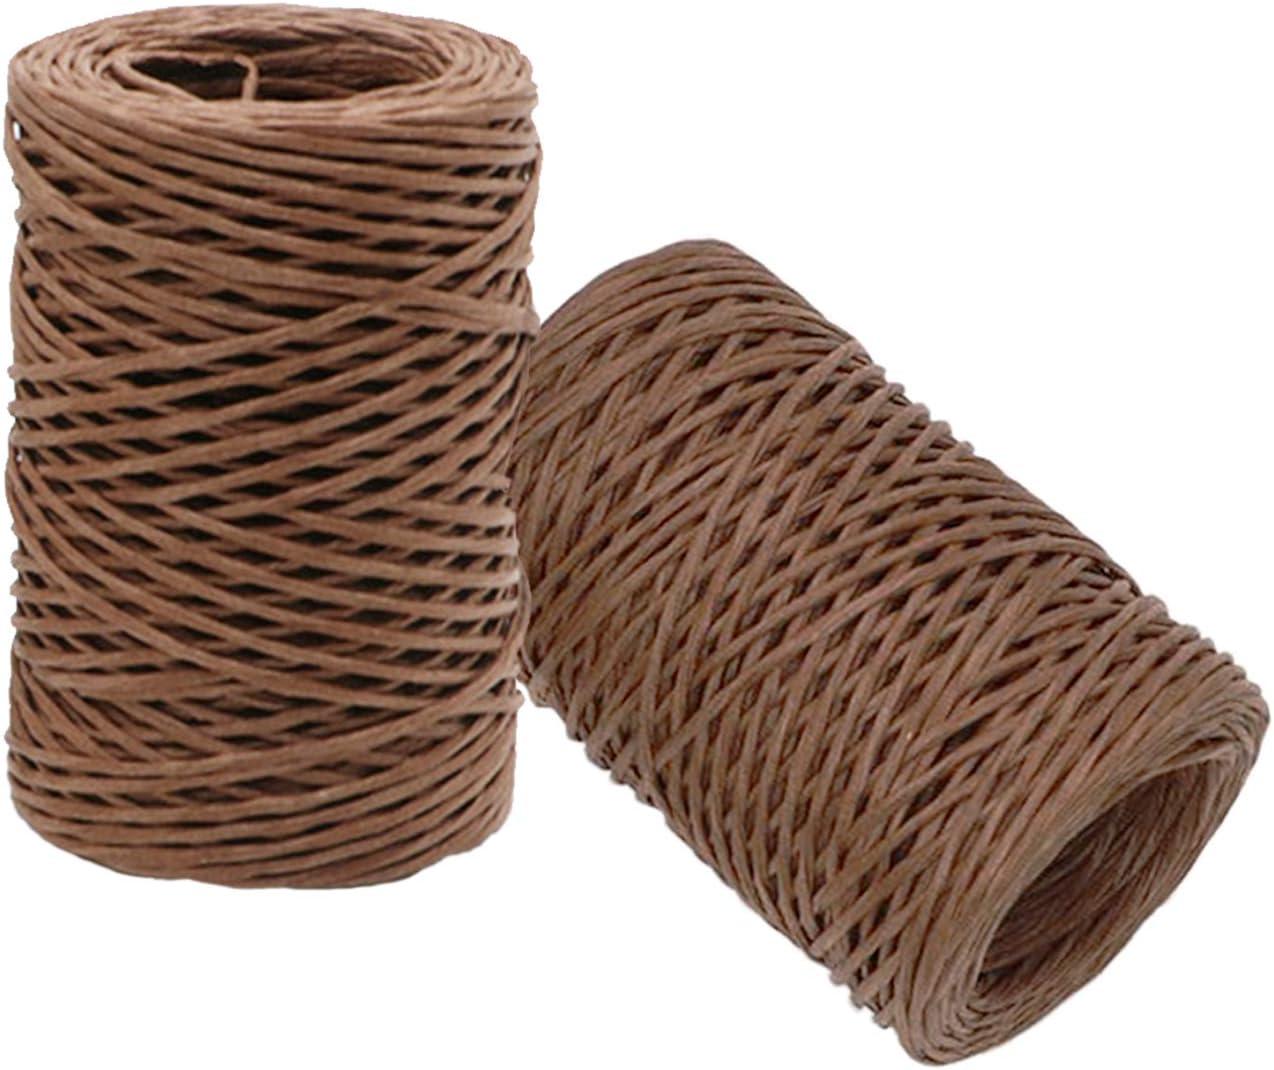 adecuado para el embalaje de ramo de novia 50 metros Papel alambre hierro natural Cord/ón papel de hilo de papel Papel hierro hecho a mano Se puede doblar en cualquier forma que desee sin rebote